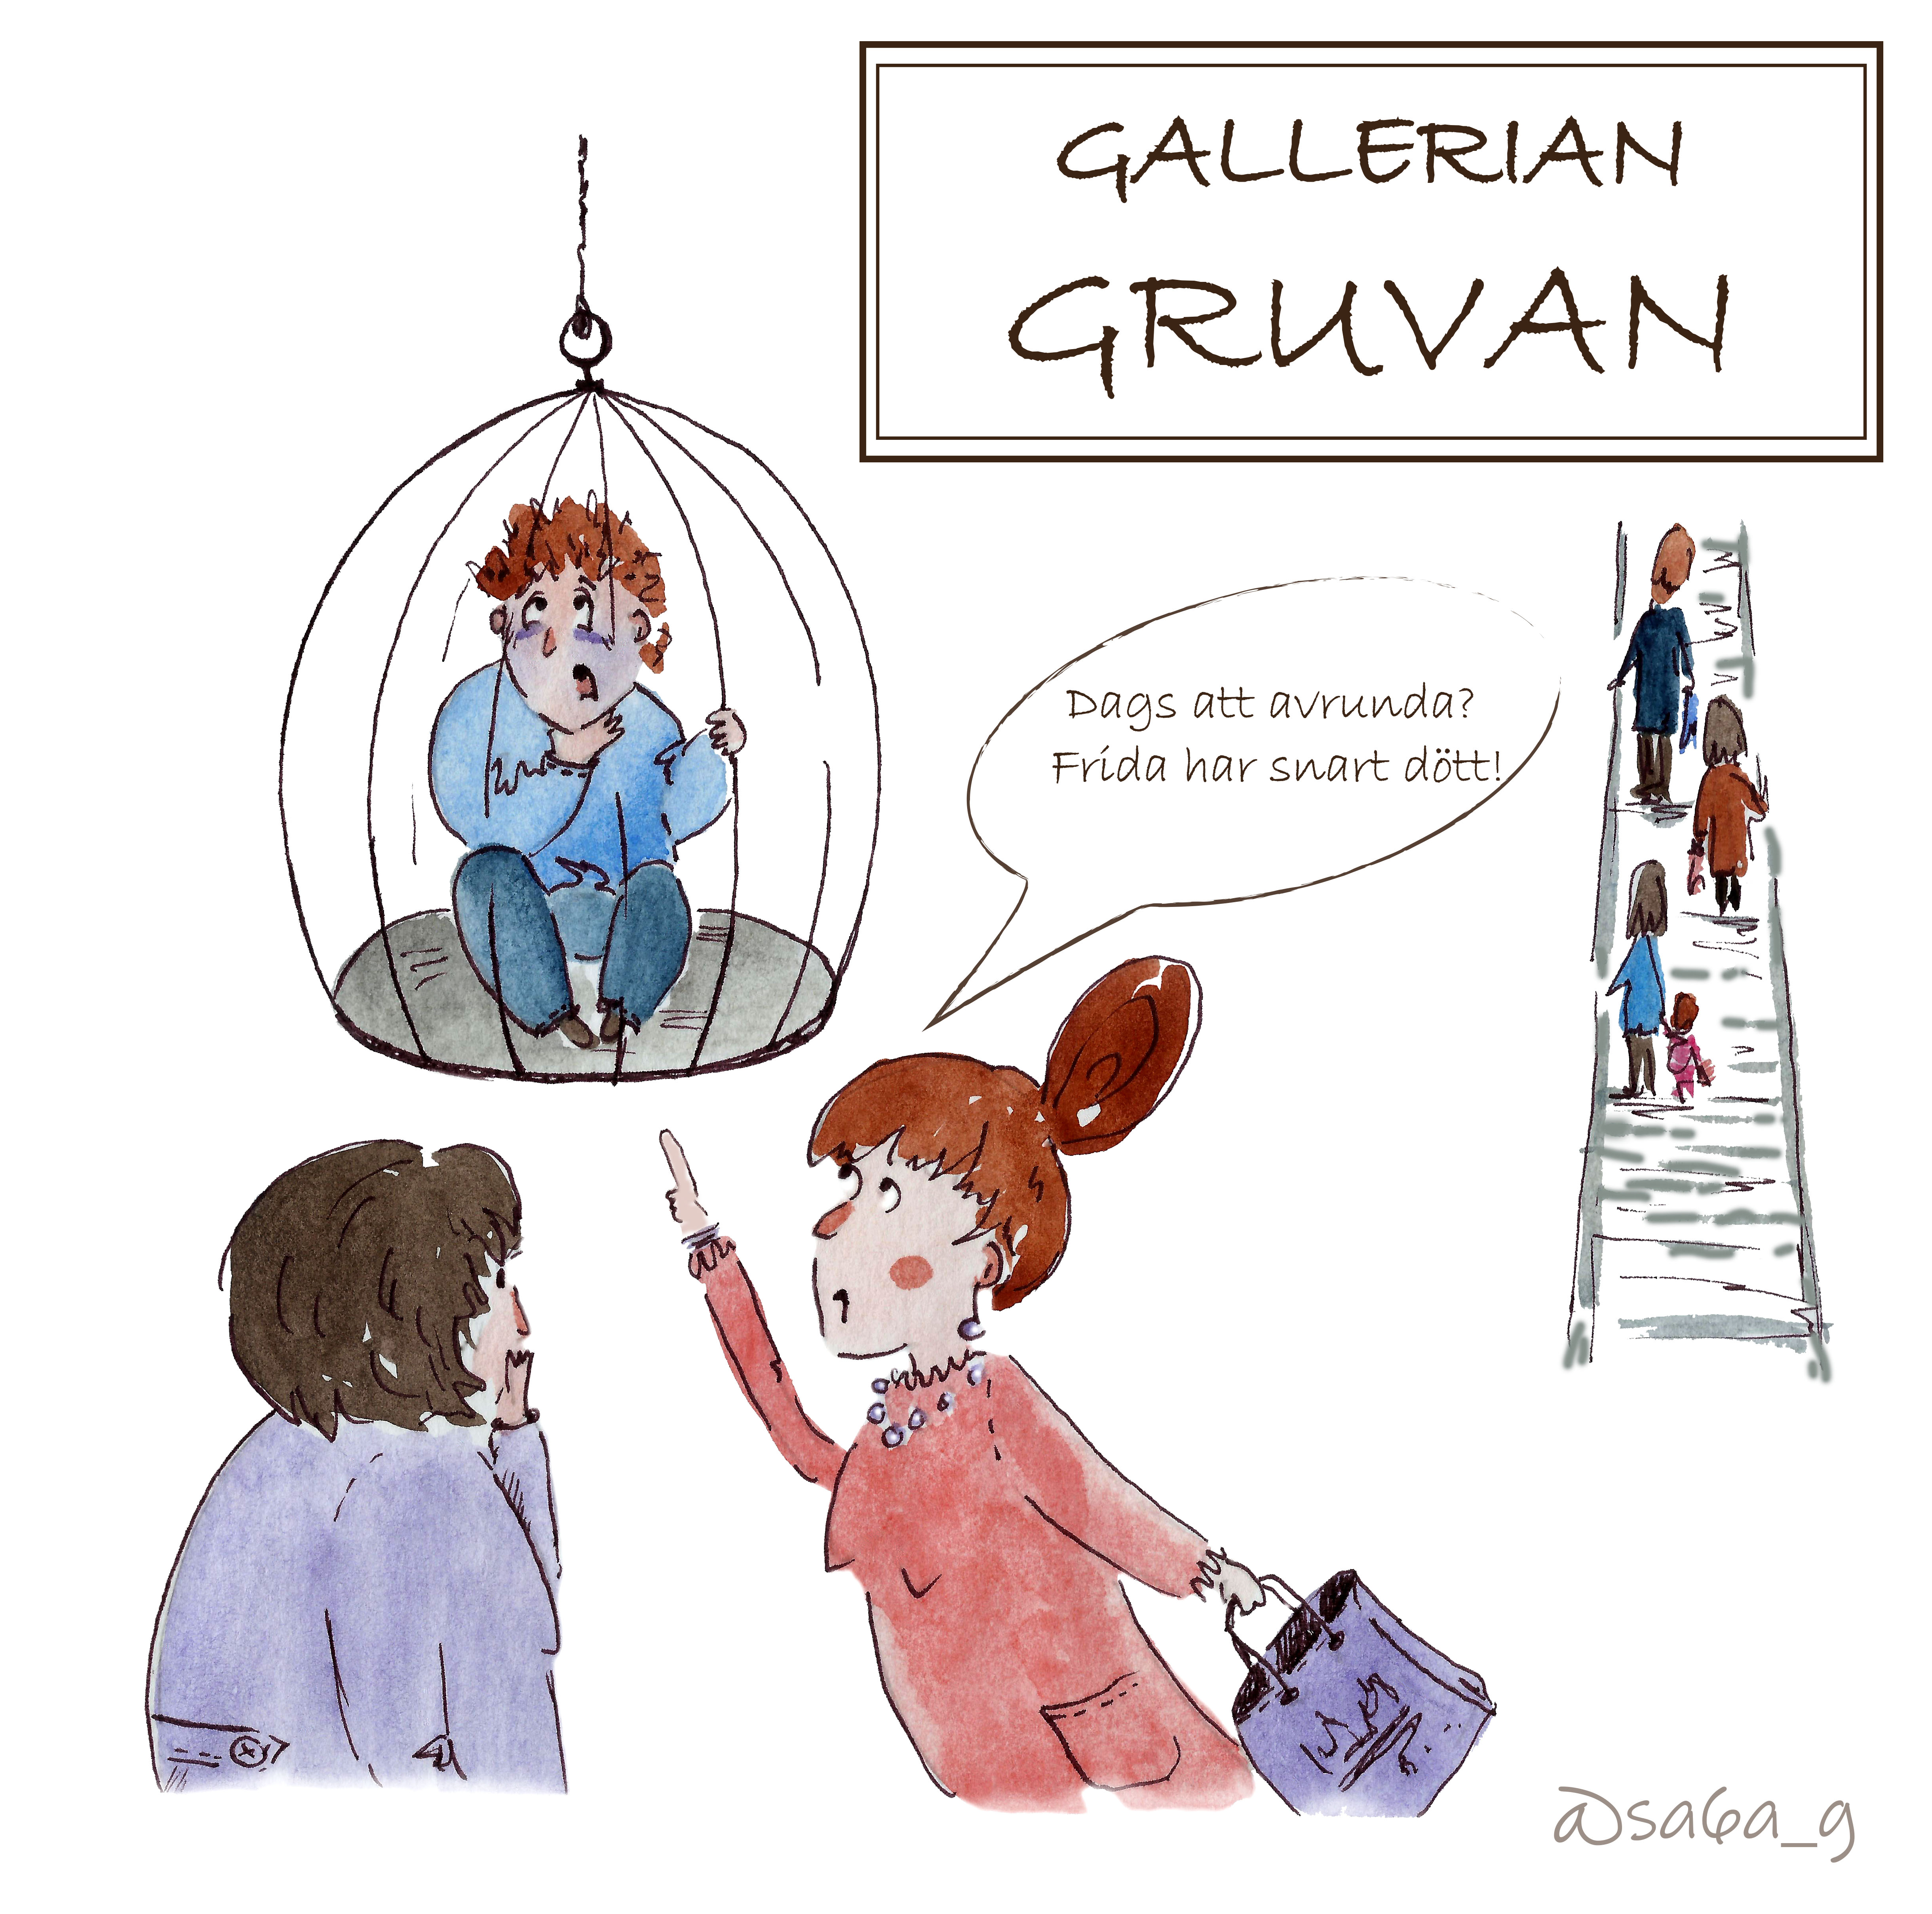 """Jag sitter instängd i en bur, inne på ett köpcenter. I bakgrunden åker folk rulltrappa. Två kvinnor pekar på buren och den ena säger """"Dags att avrunda? Frida har snart dött!""""."""